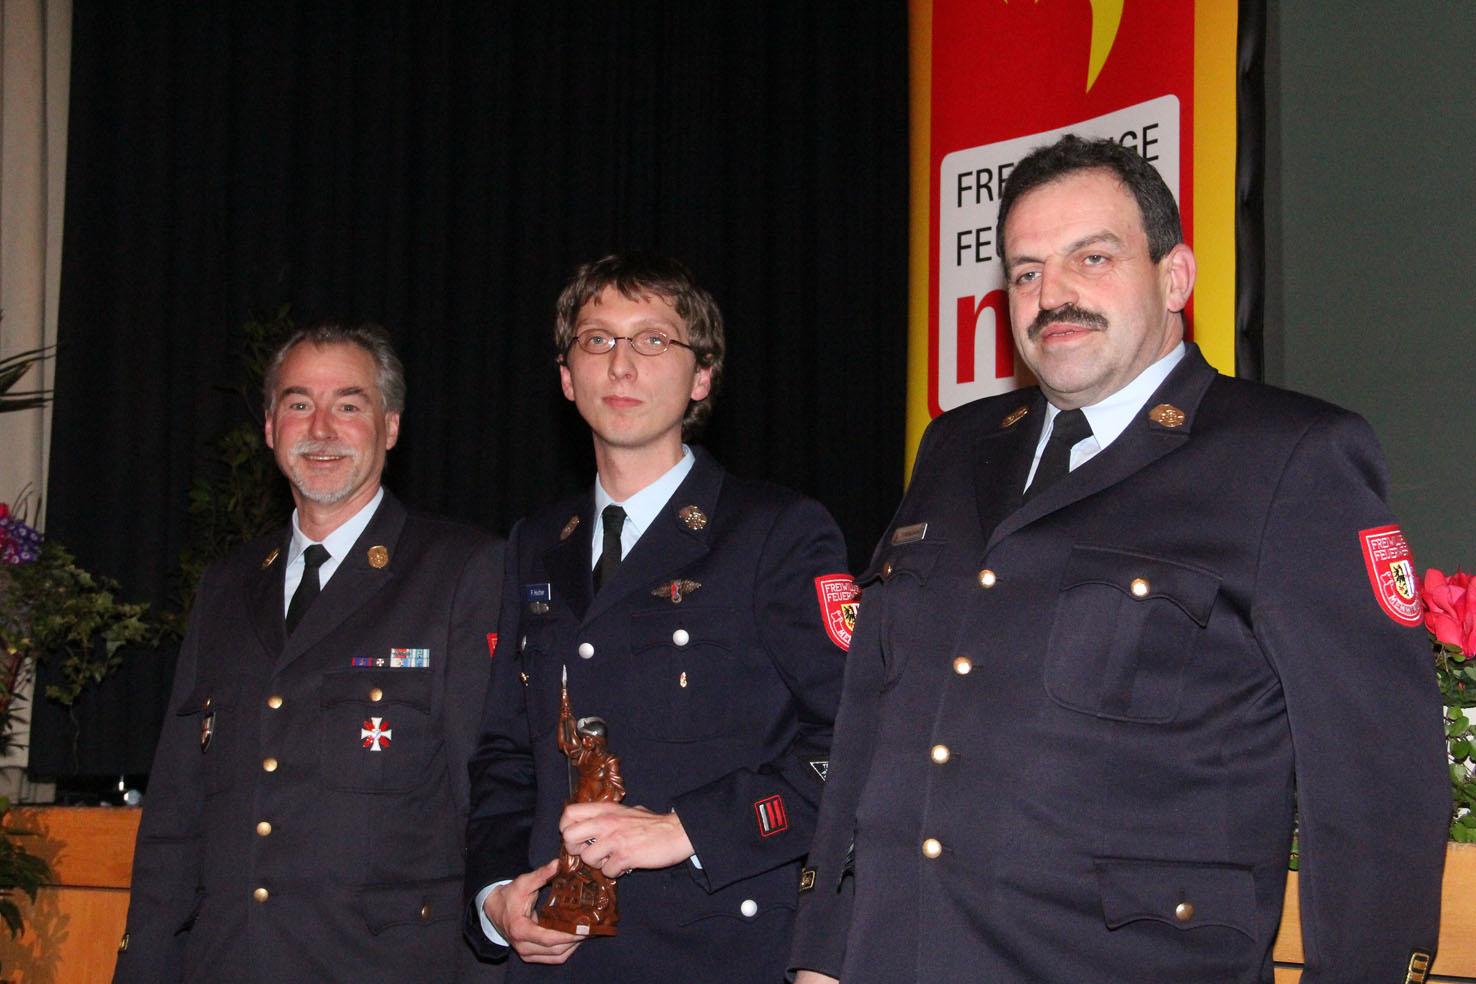 01-03-2013 Feuerwehr-Memmingen jahreshauptversammlung 2013 poeppel new-facts-eu20130301 0049